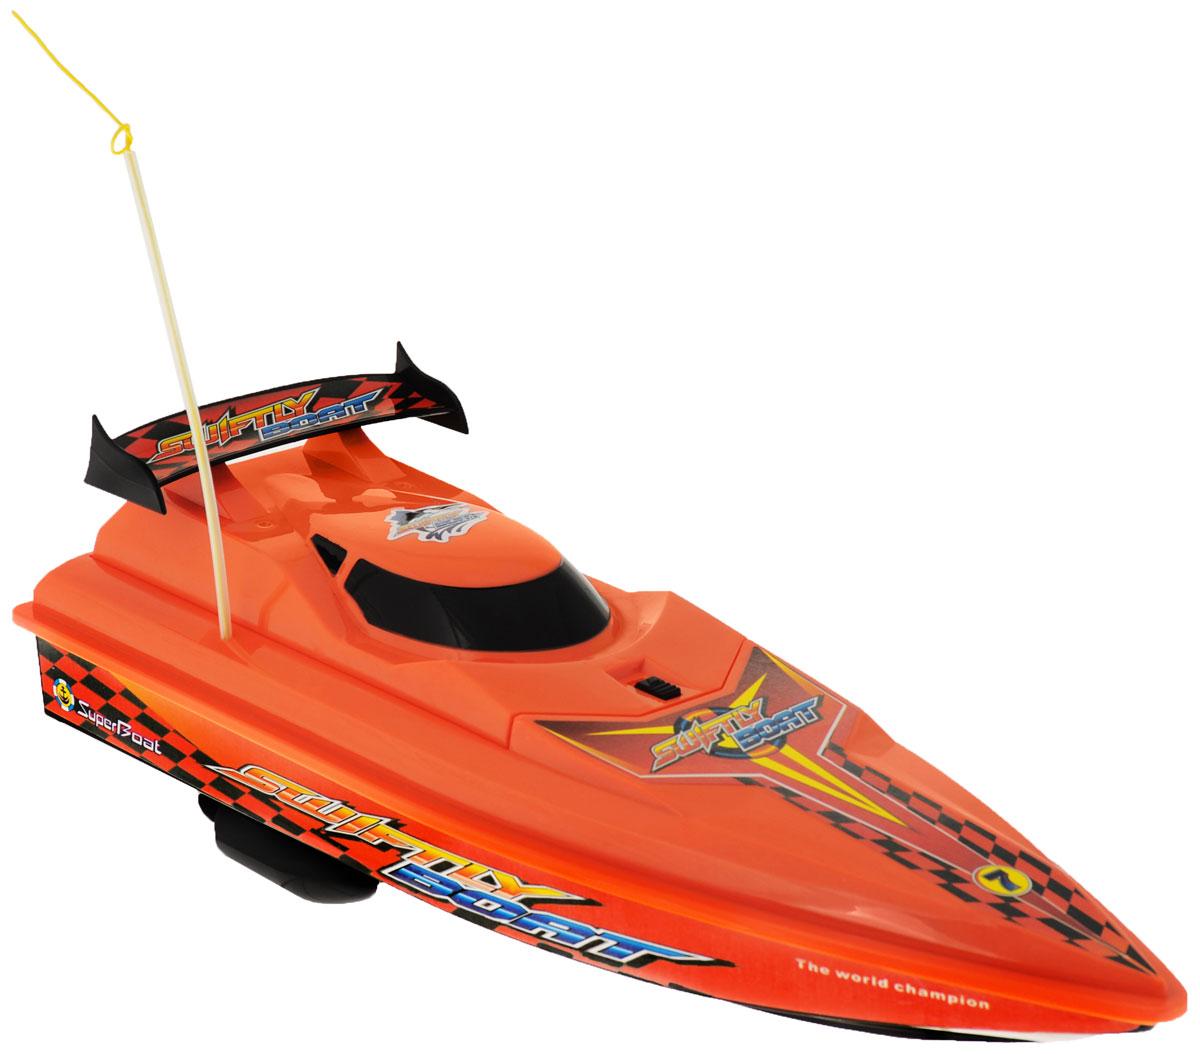 LK-Toys Катер на радиоуправлении Чемпионат Swiftly BoatBM 5005Радиоуправляемый гоночный катер LK-Toys Чемпионат: Swiftly Boat - необычная водная игрушка, которая понравится и детям, и взрослым. Игрушечный спортивный катер изготовлен из прочного и качественного пластика, что успешно позволяет сделать конструкцию корпуса максимально обтекаемой, а также защитить от попадания воды все внутренние компоненты. Управление обеспечивается при помощи специального пульта дистанционного управления, который позволяет без проблем контролировать модель на расстояниях до 25 метров. Функции управления: вперед, назад, вправо, влево. Радиоуправляемый гоночный катер LK-Toys Чемпионат: Swiftly Boat обеспечит многие часы увлекательных игр на воде! В комплекте: катер, пульт управления, аккумулятор, зарядное устройство, 2 запасных винта. Пульт управления работает на частоте 40 MHz. Для работы пульта управления необходимы 2 батарейки типа АА (не входят в комплект).